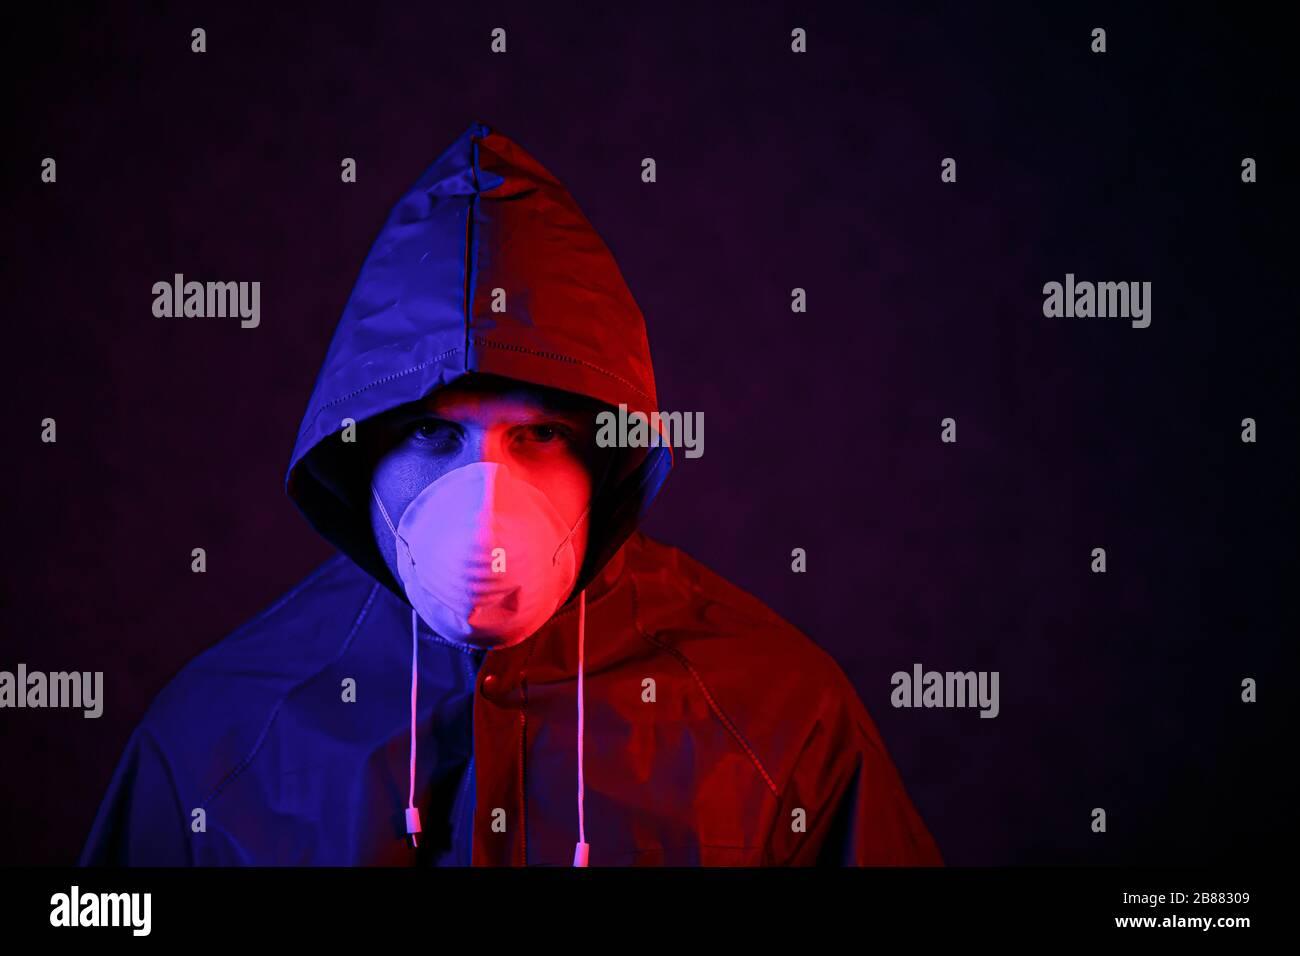 Coronavirus. Un homme dans un masque et une combinaison de protection chimique en rouge et bleu. Lutte contre le virus Banque D'Images